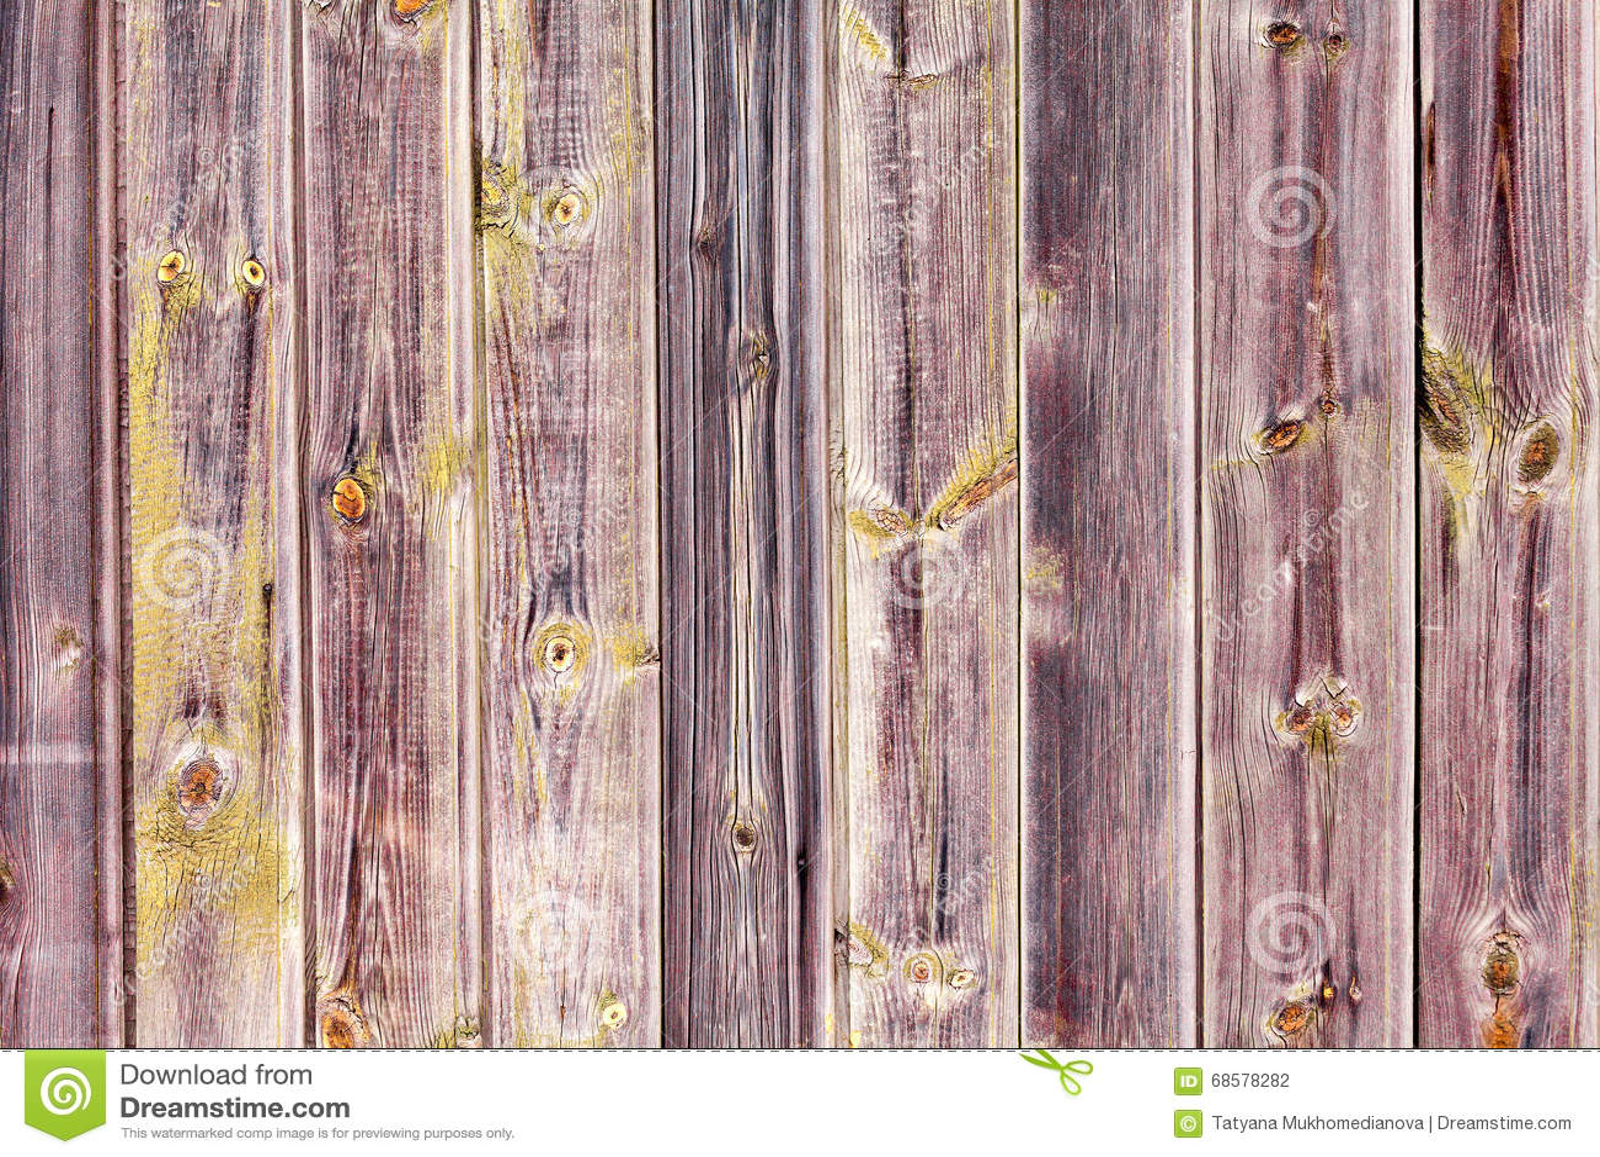 Alte Holzerne Wand Als Naturliche Beschaffenheit Oder Hintergrund